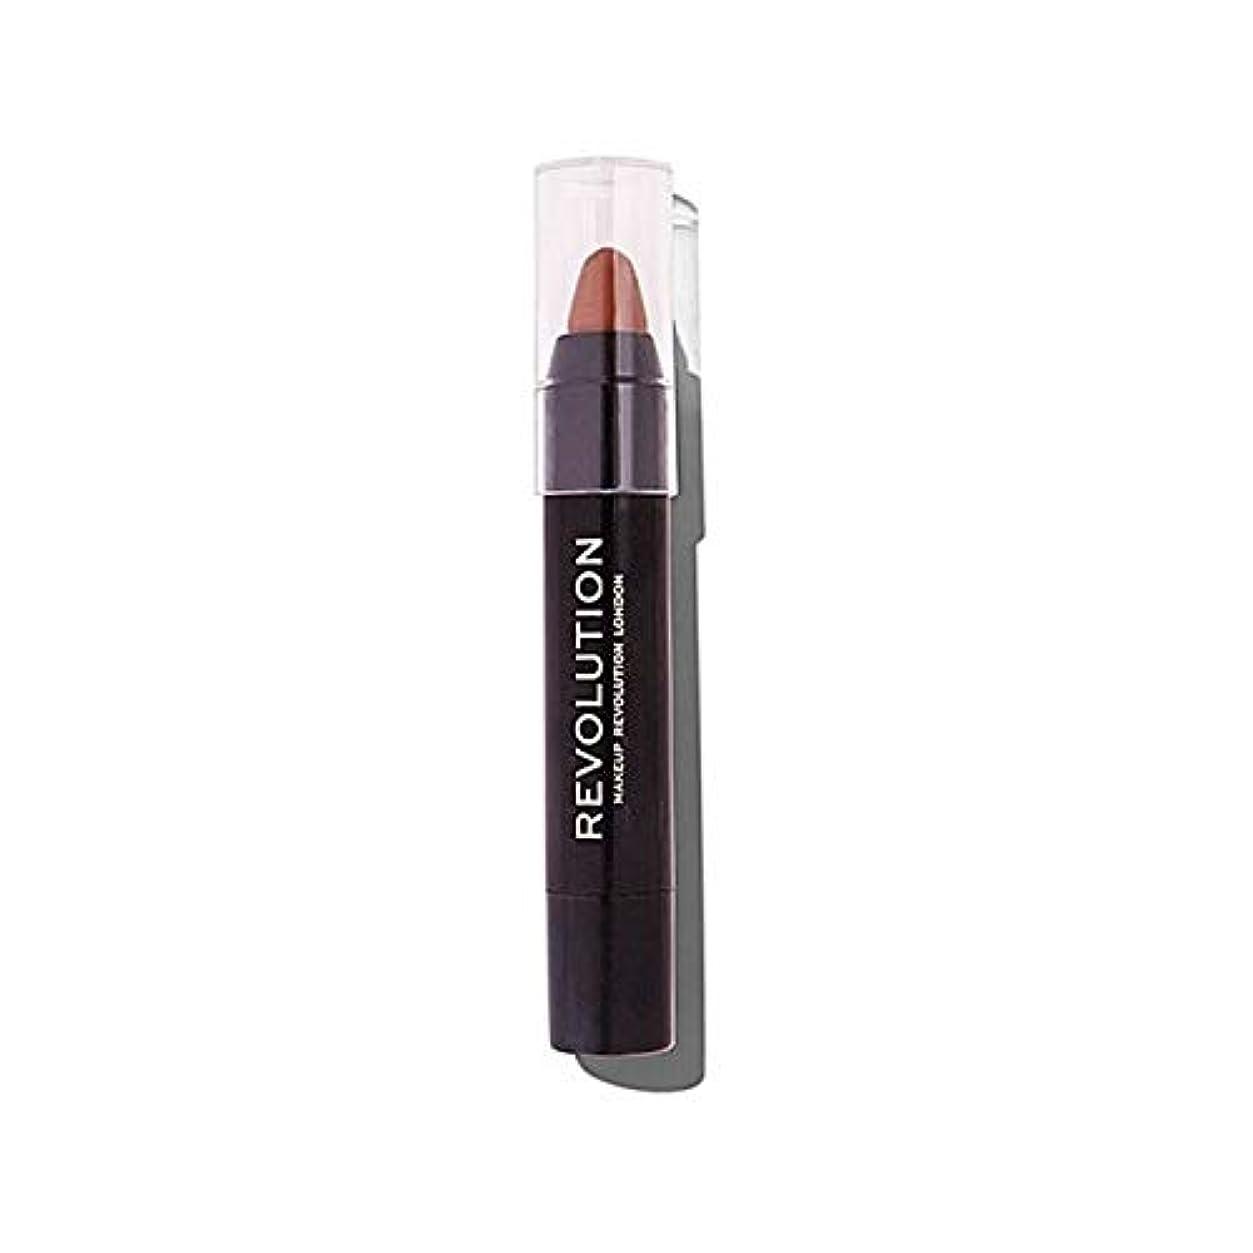 石膏リズミカルな二層[Hair Revolution ] 化粧革命のルートスティックライトブラウンをカバー - Makeup Revolution Root Cover Up Stick Light Brown [並行輸入品]